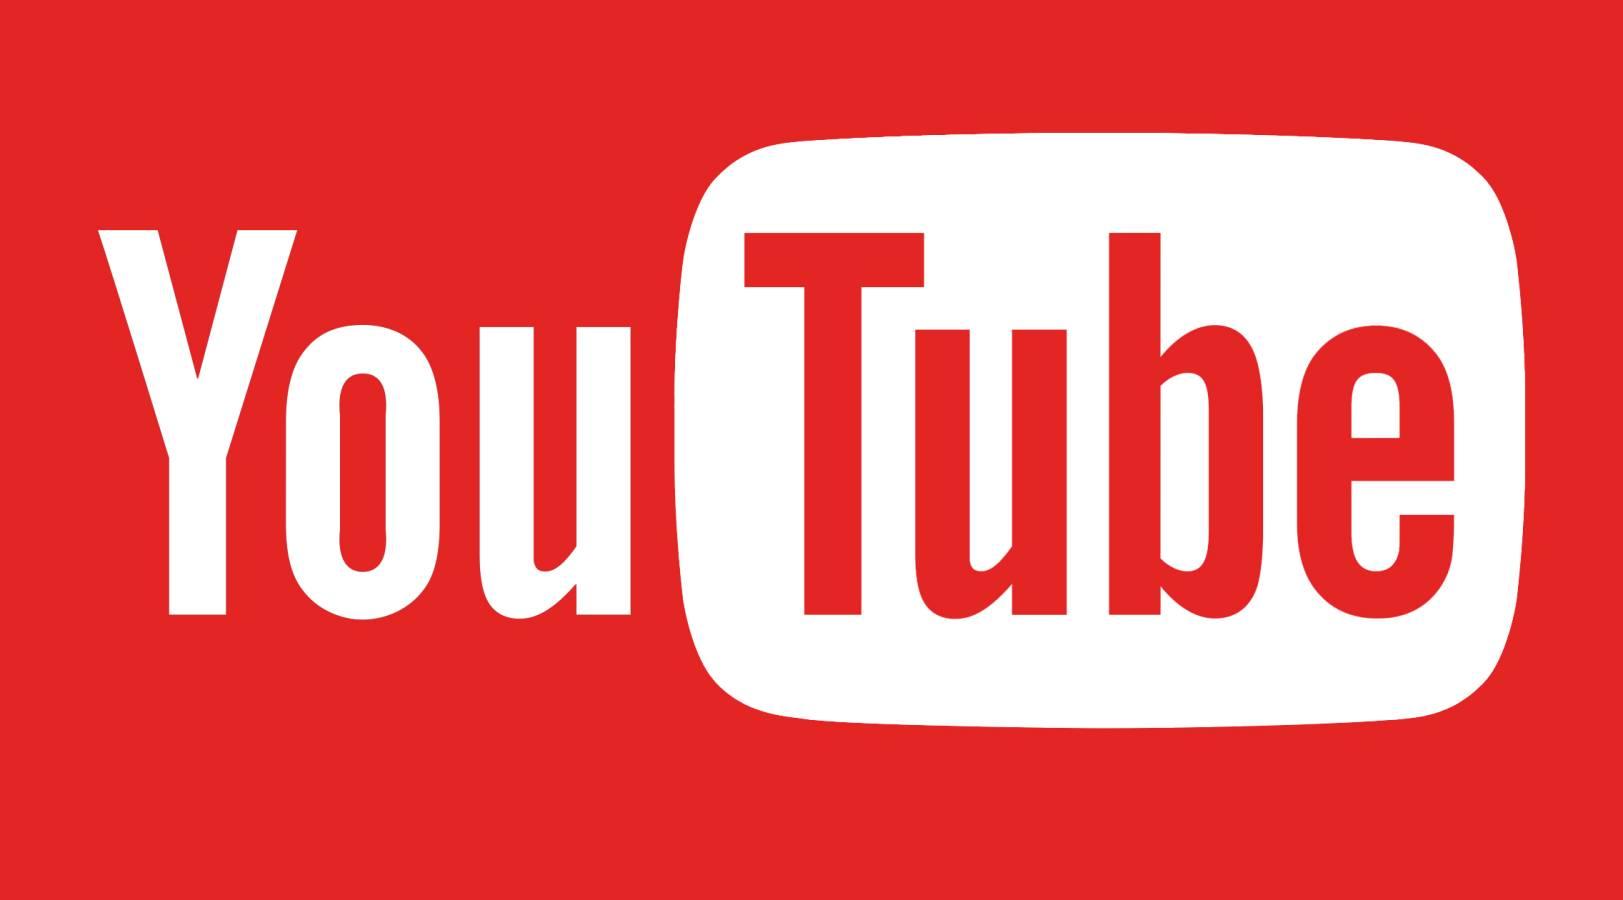 YouTube Ce Noutati aduce Actualizarea cea mai Noua din Telefoane